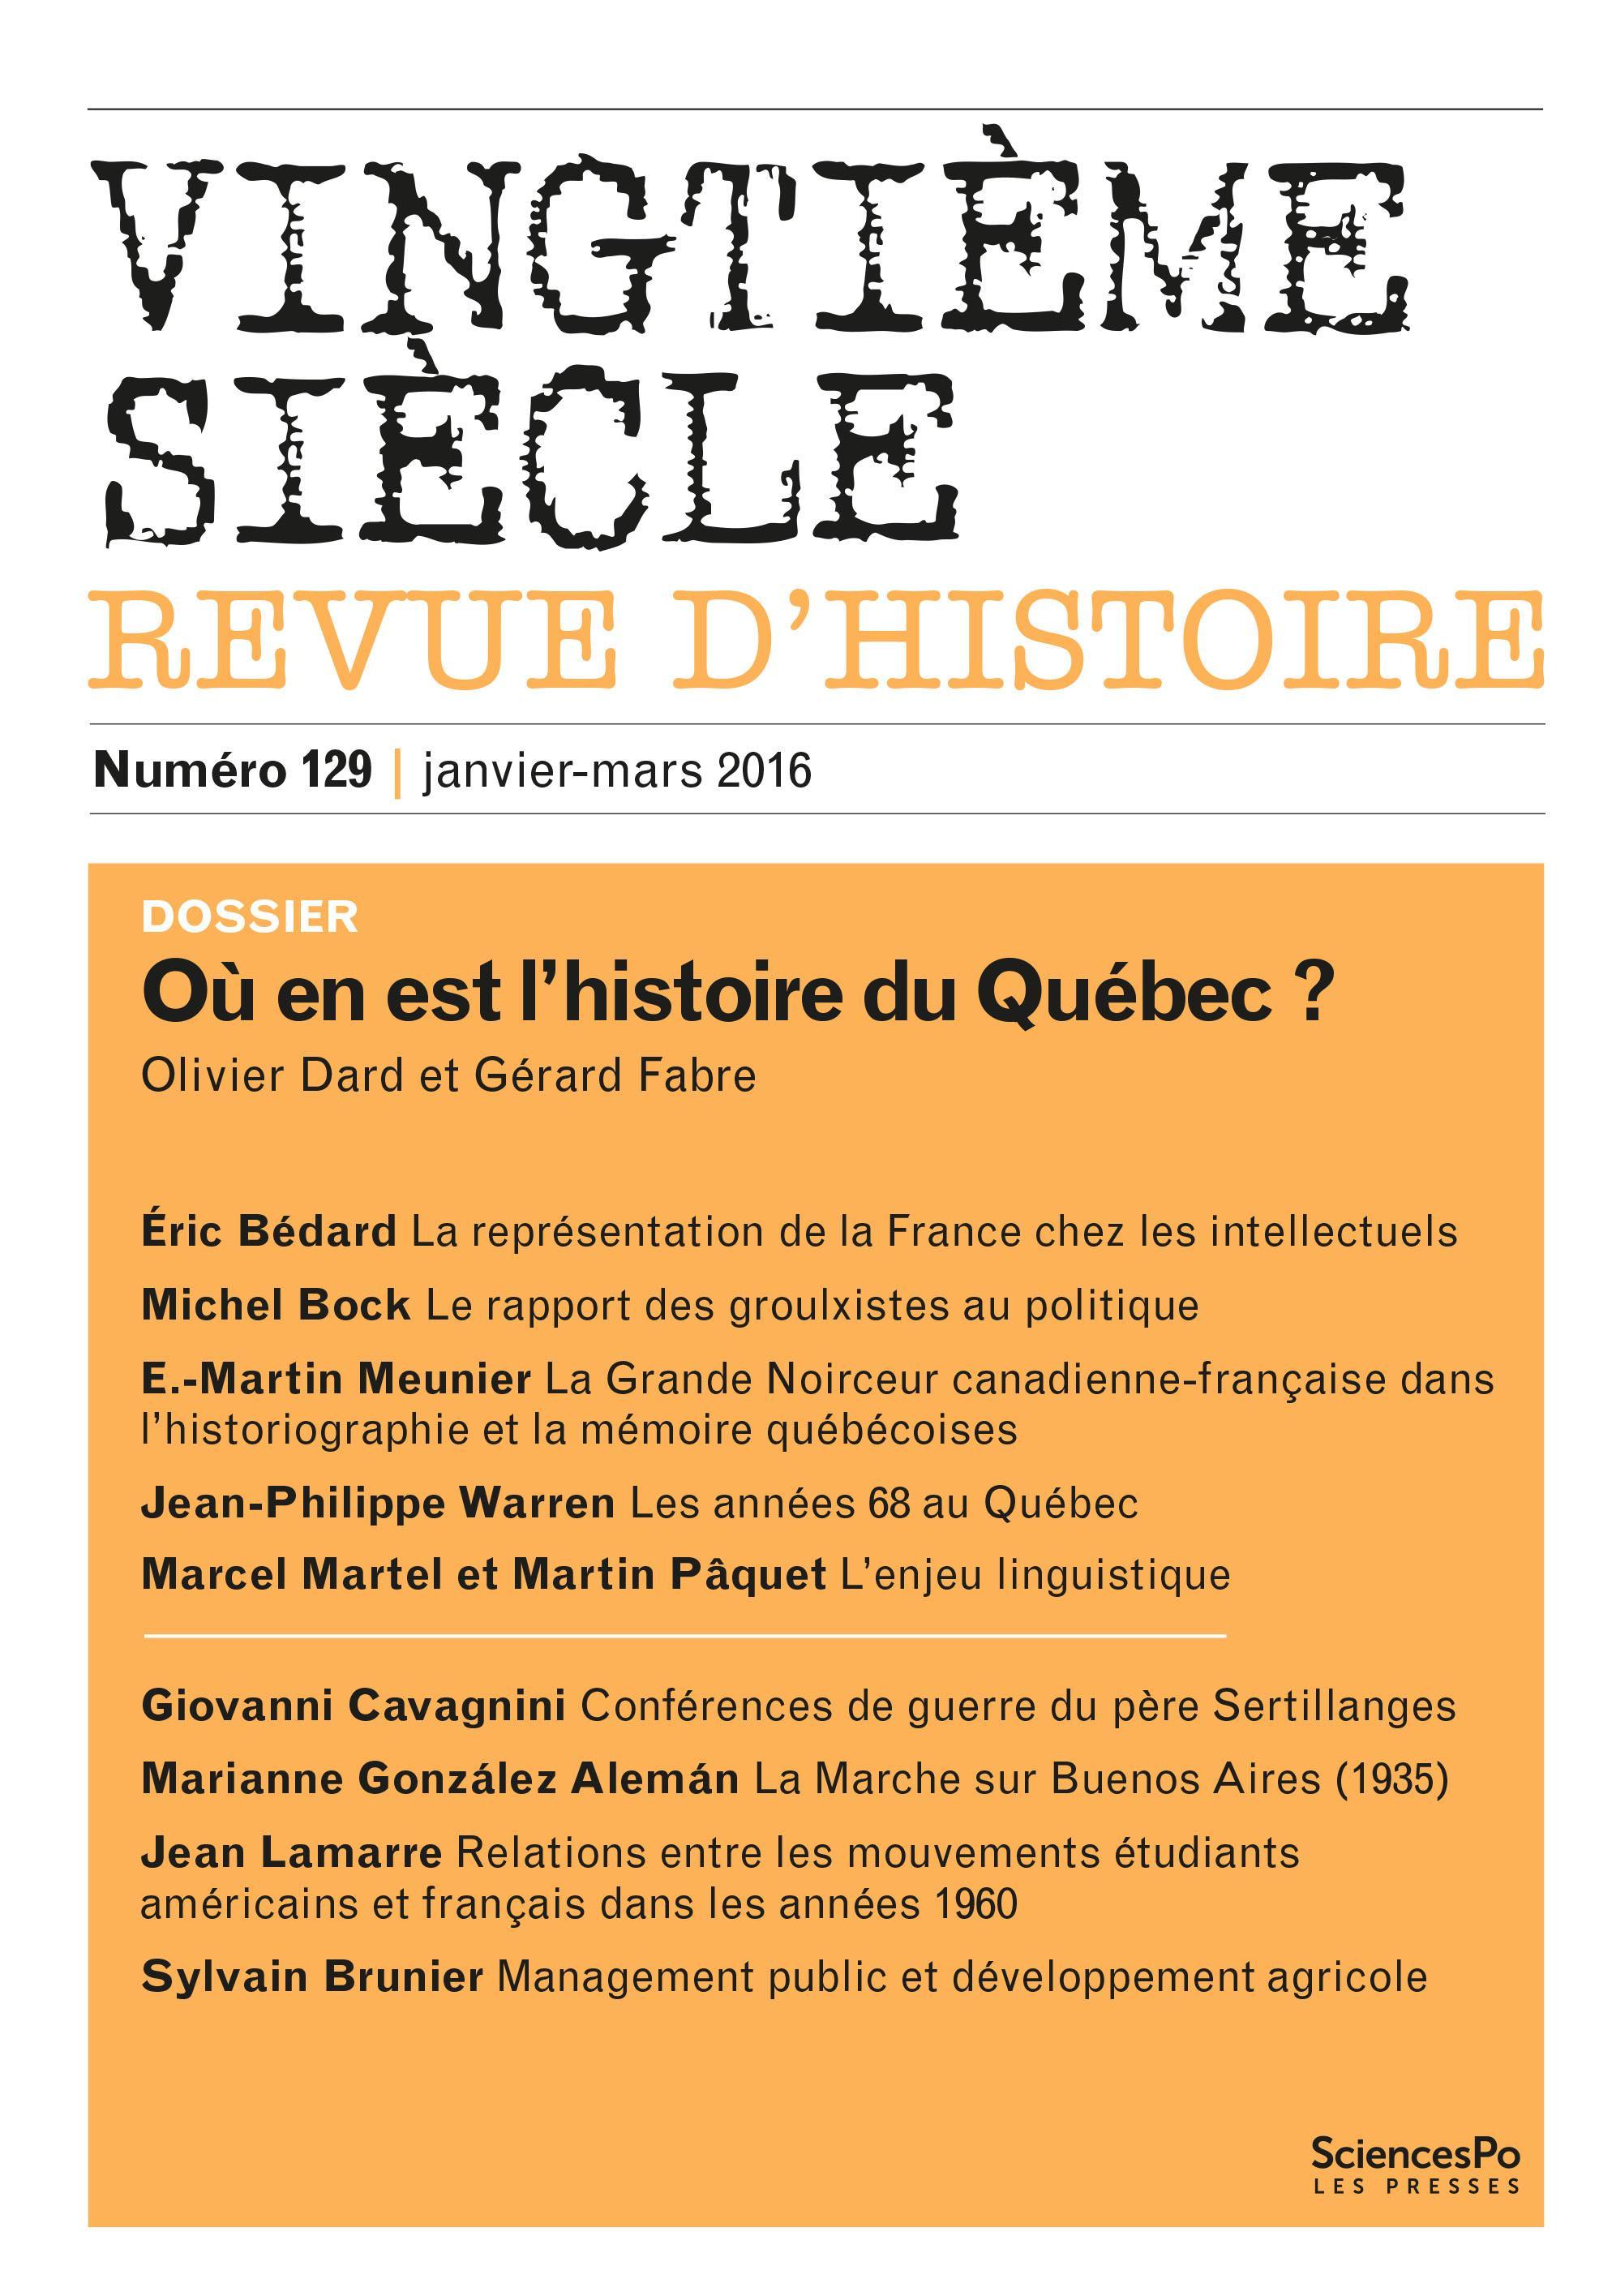 Québec 2000 - quel développement?